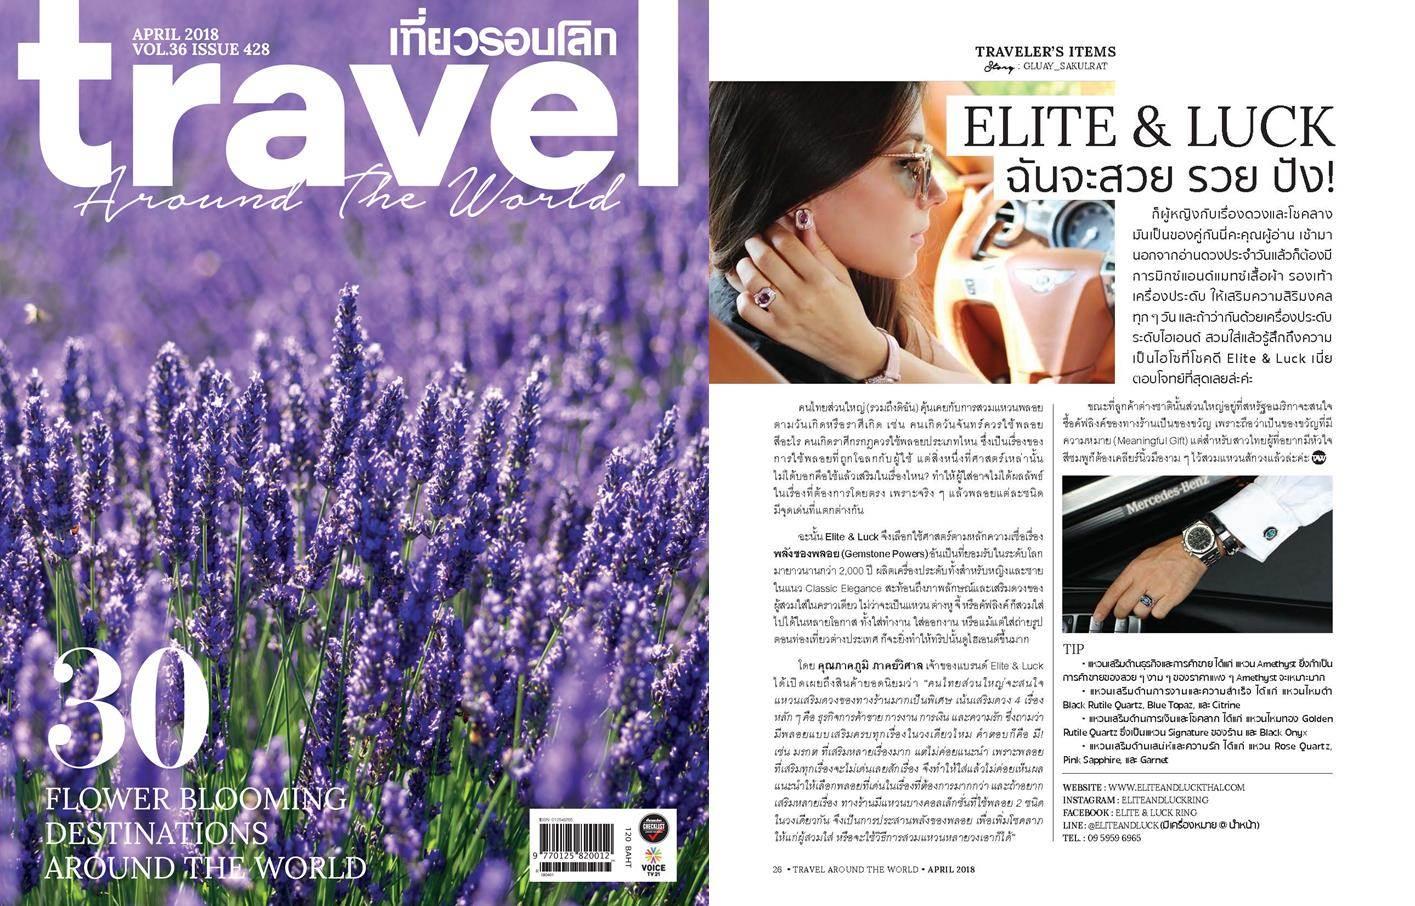 แหวนเสริมดวง Elite & Luck ในนิตยสารเที่ยวรอบโลก เดือนเมษายน 2561